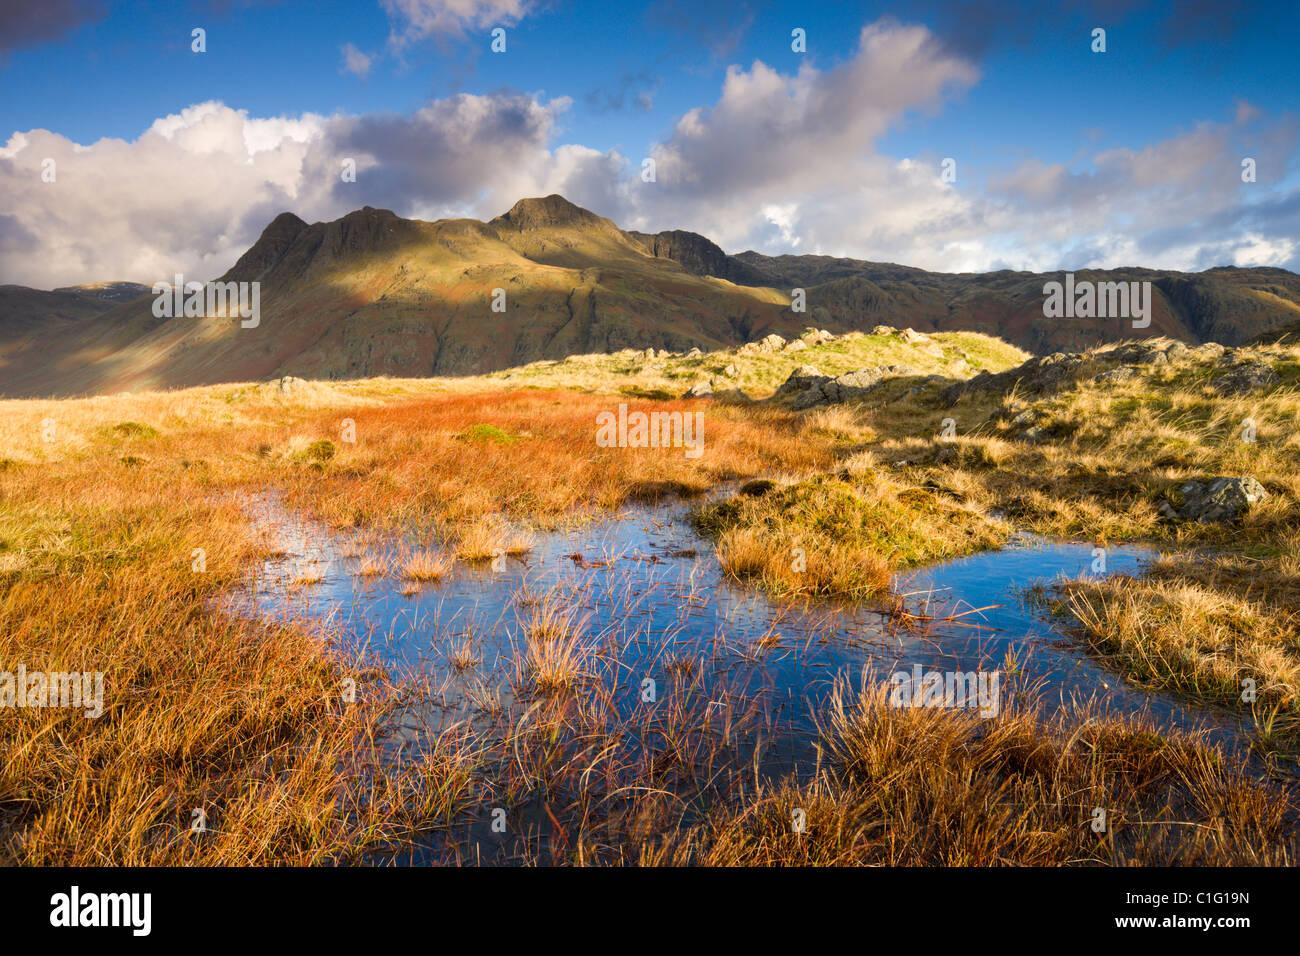 Le Langdale Pikes, Parc National de Lake District, Cumbria, Angleterre. L'automne (novembre) 2010. Banque D'Images